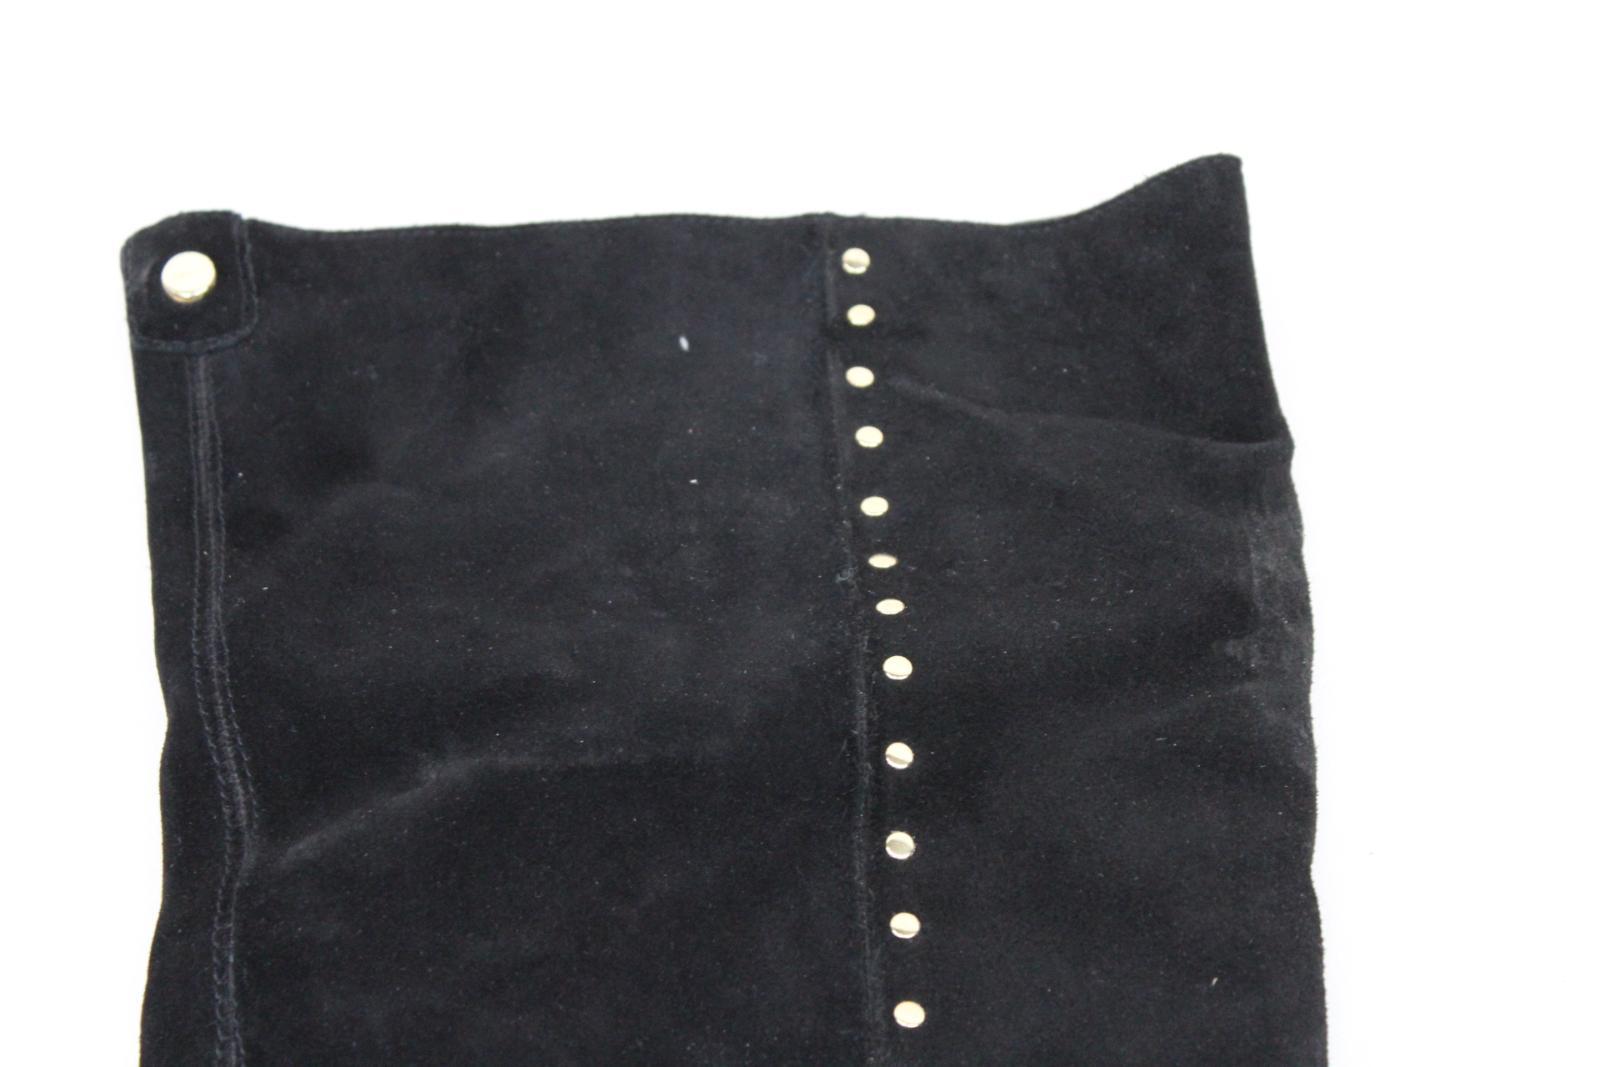 Carvela-Damas-De-Cuero-Negro-Sobre-La-Rodilla-alta-Botas-al-Tobillo-Tirar-de-plano-EU40-UK7 miniatura 9